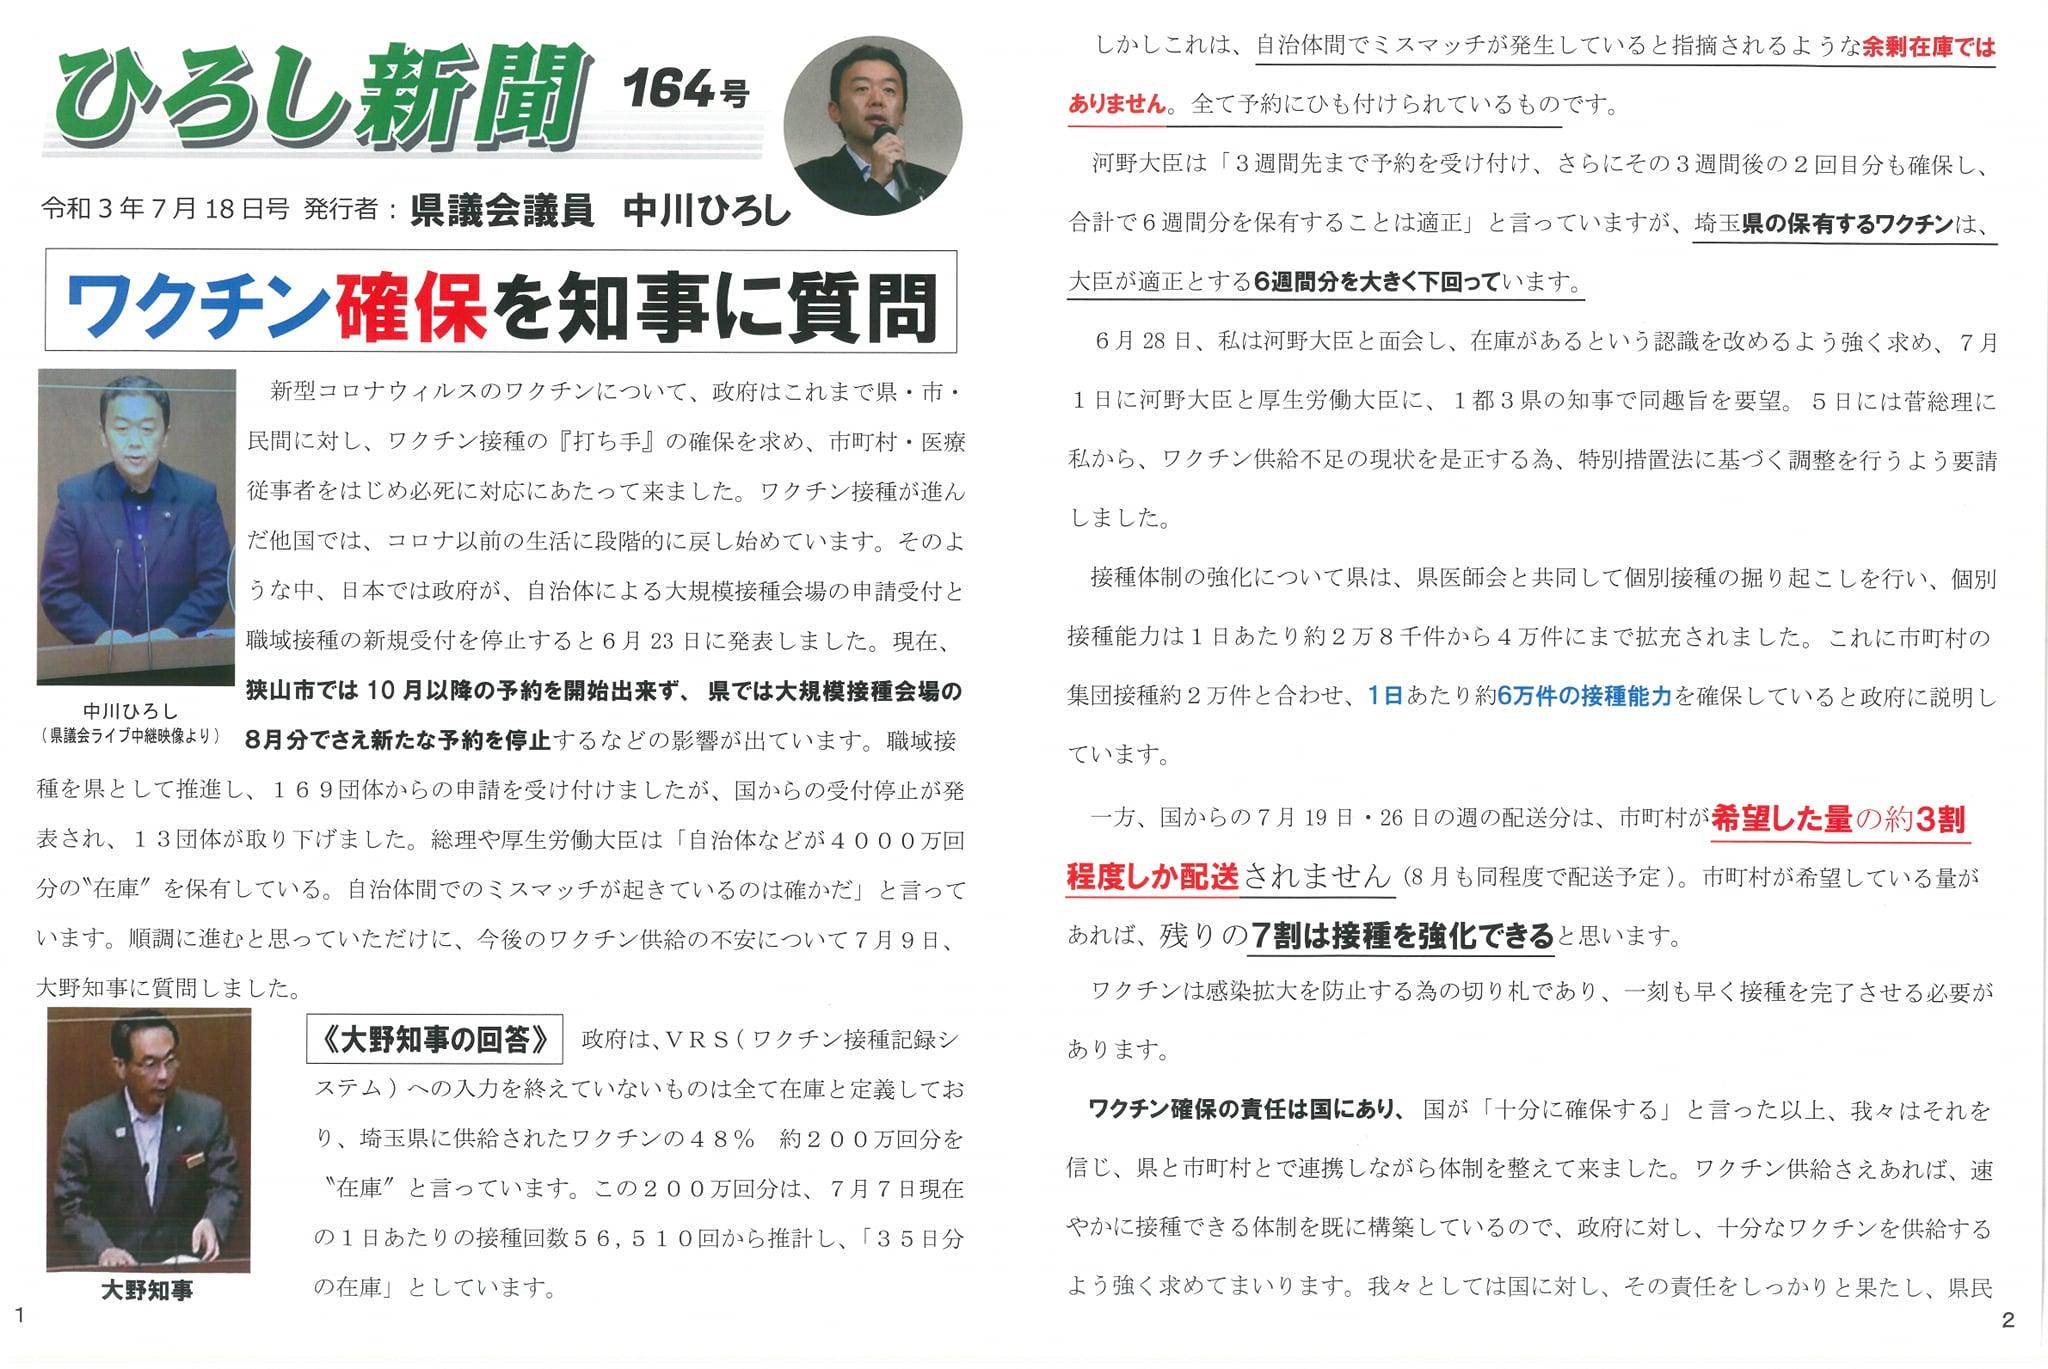 『ひろし新聞164号』